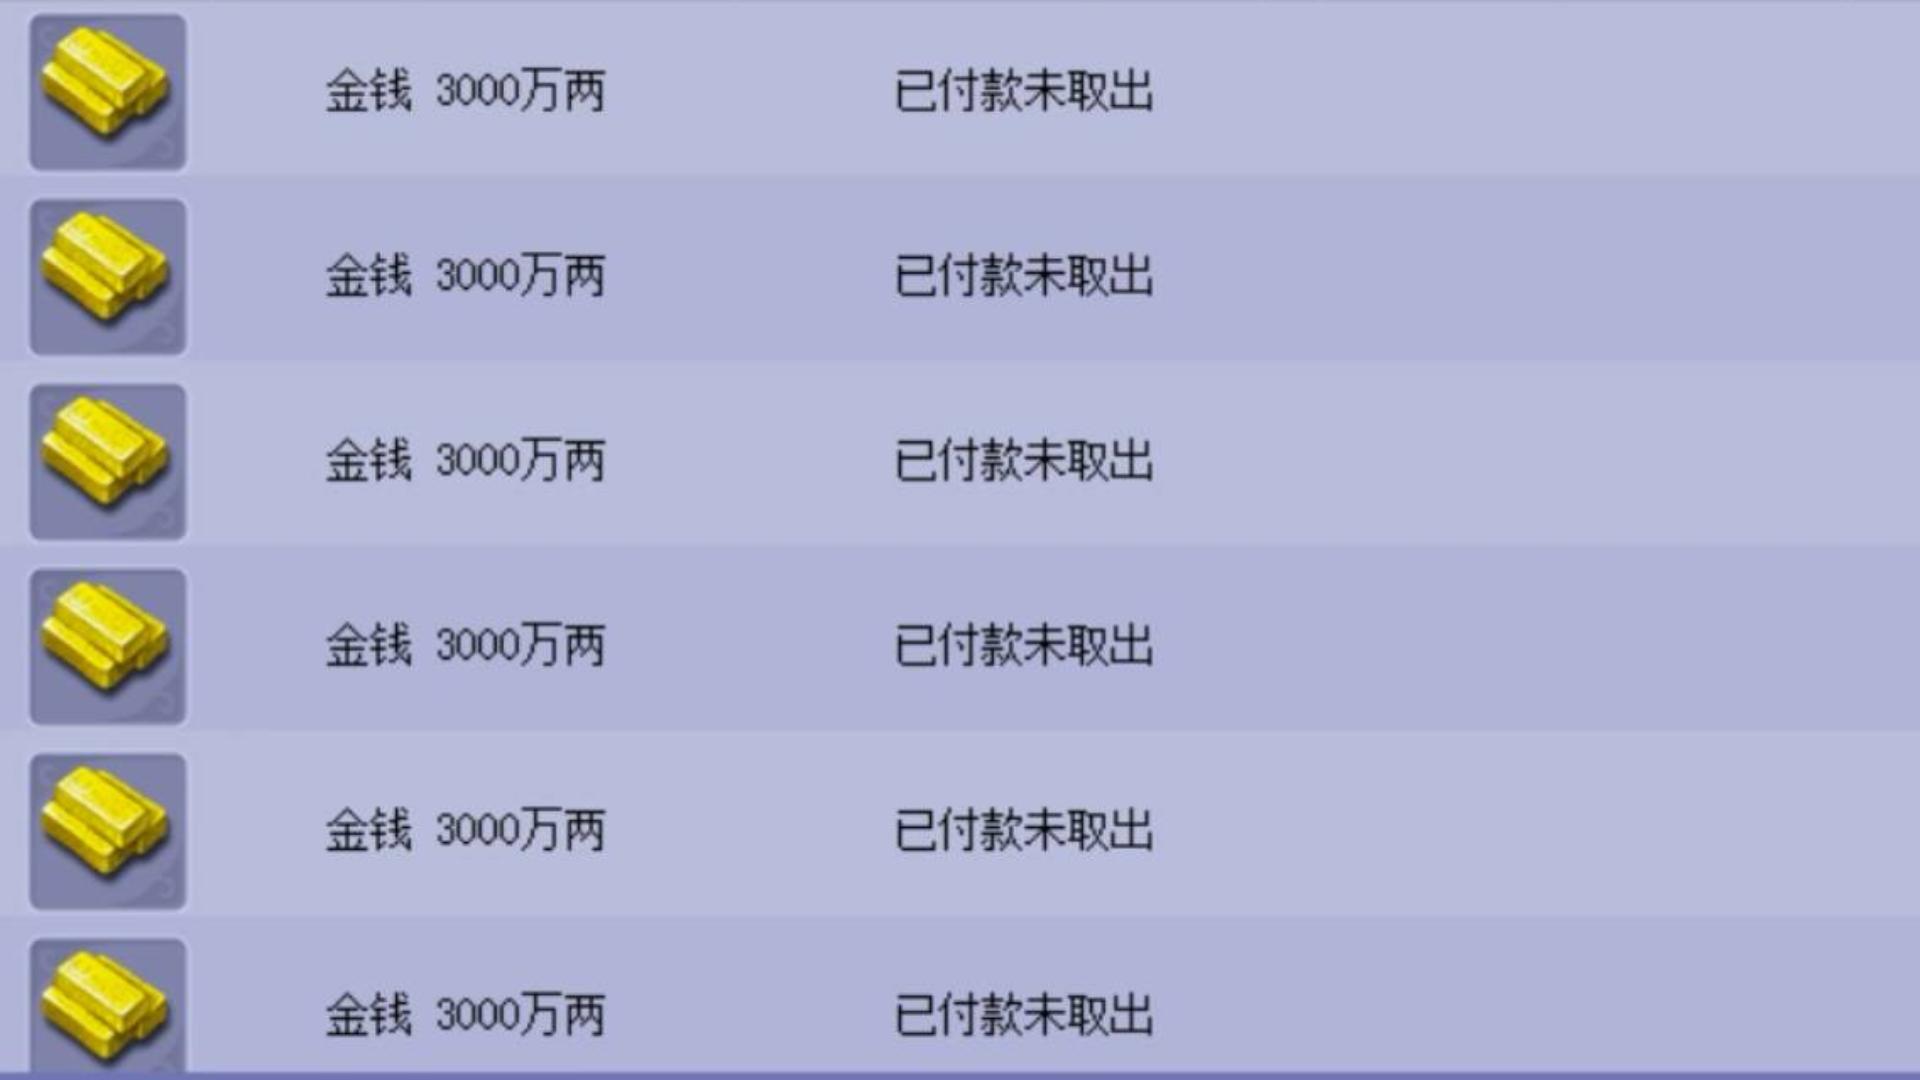 梦幻西游:突破藏宝阁买游戏币上限,他为什么可以买一亿八千万?